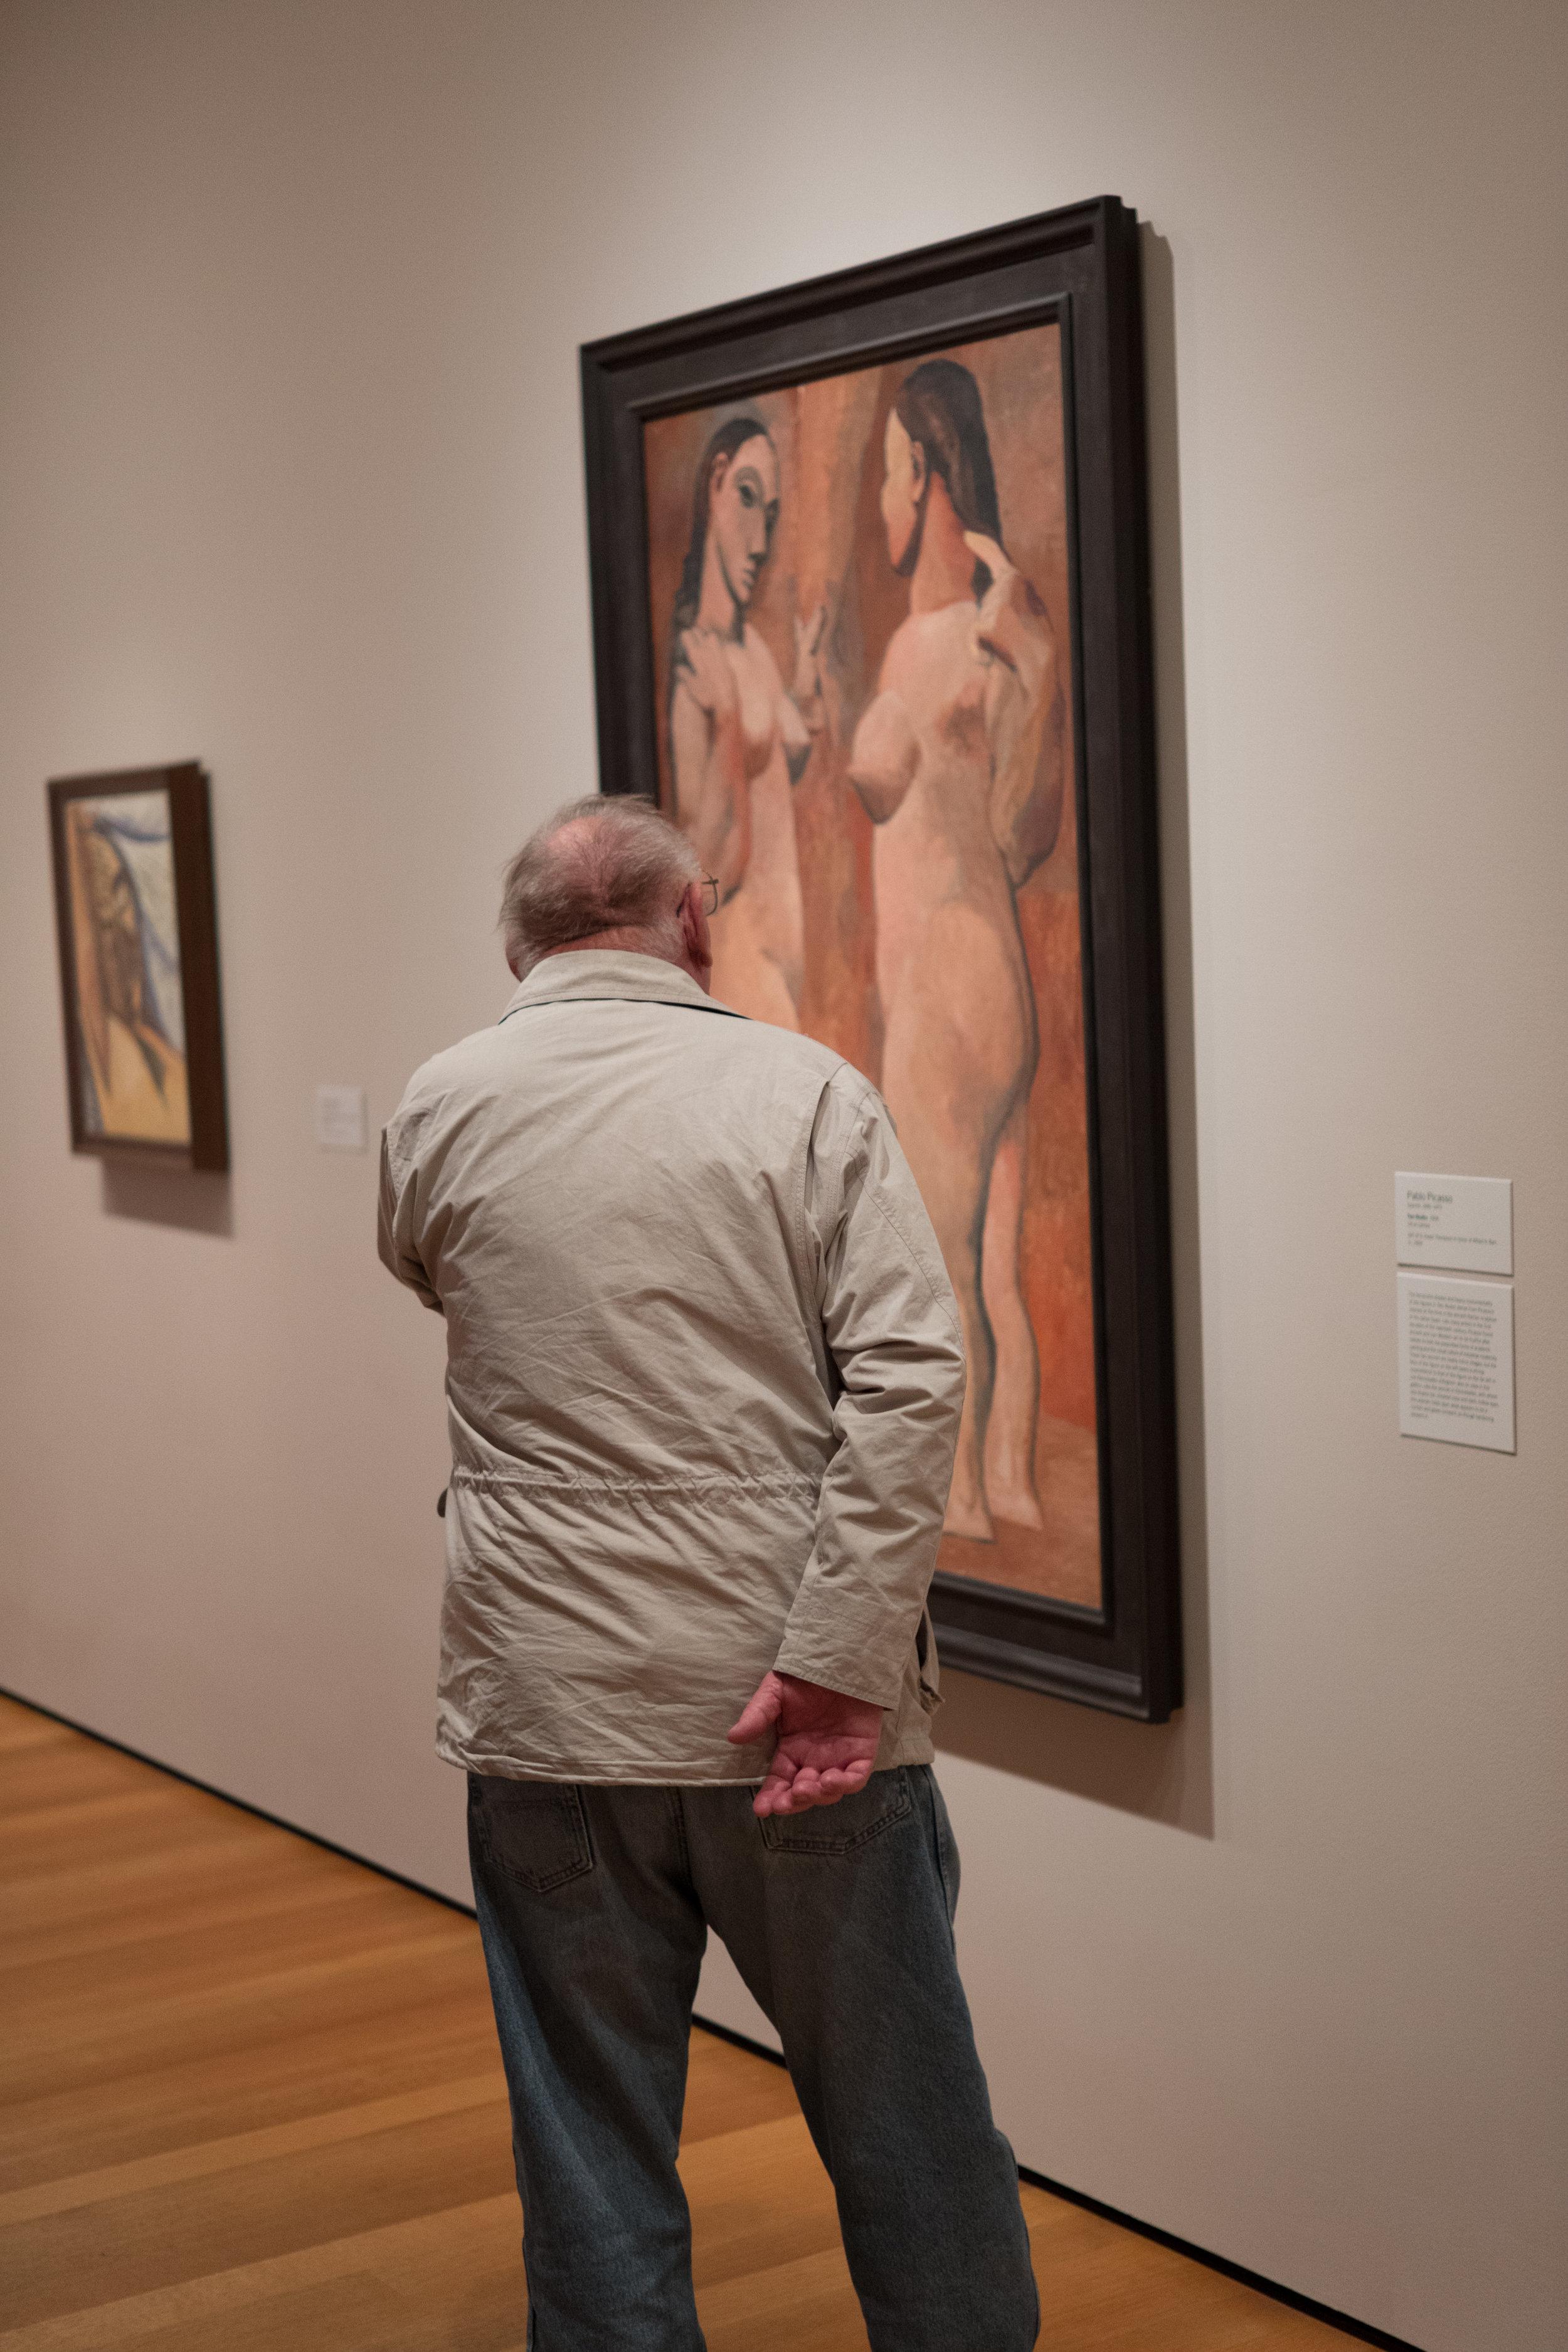 Man at the MoMA